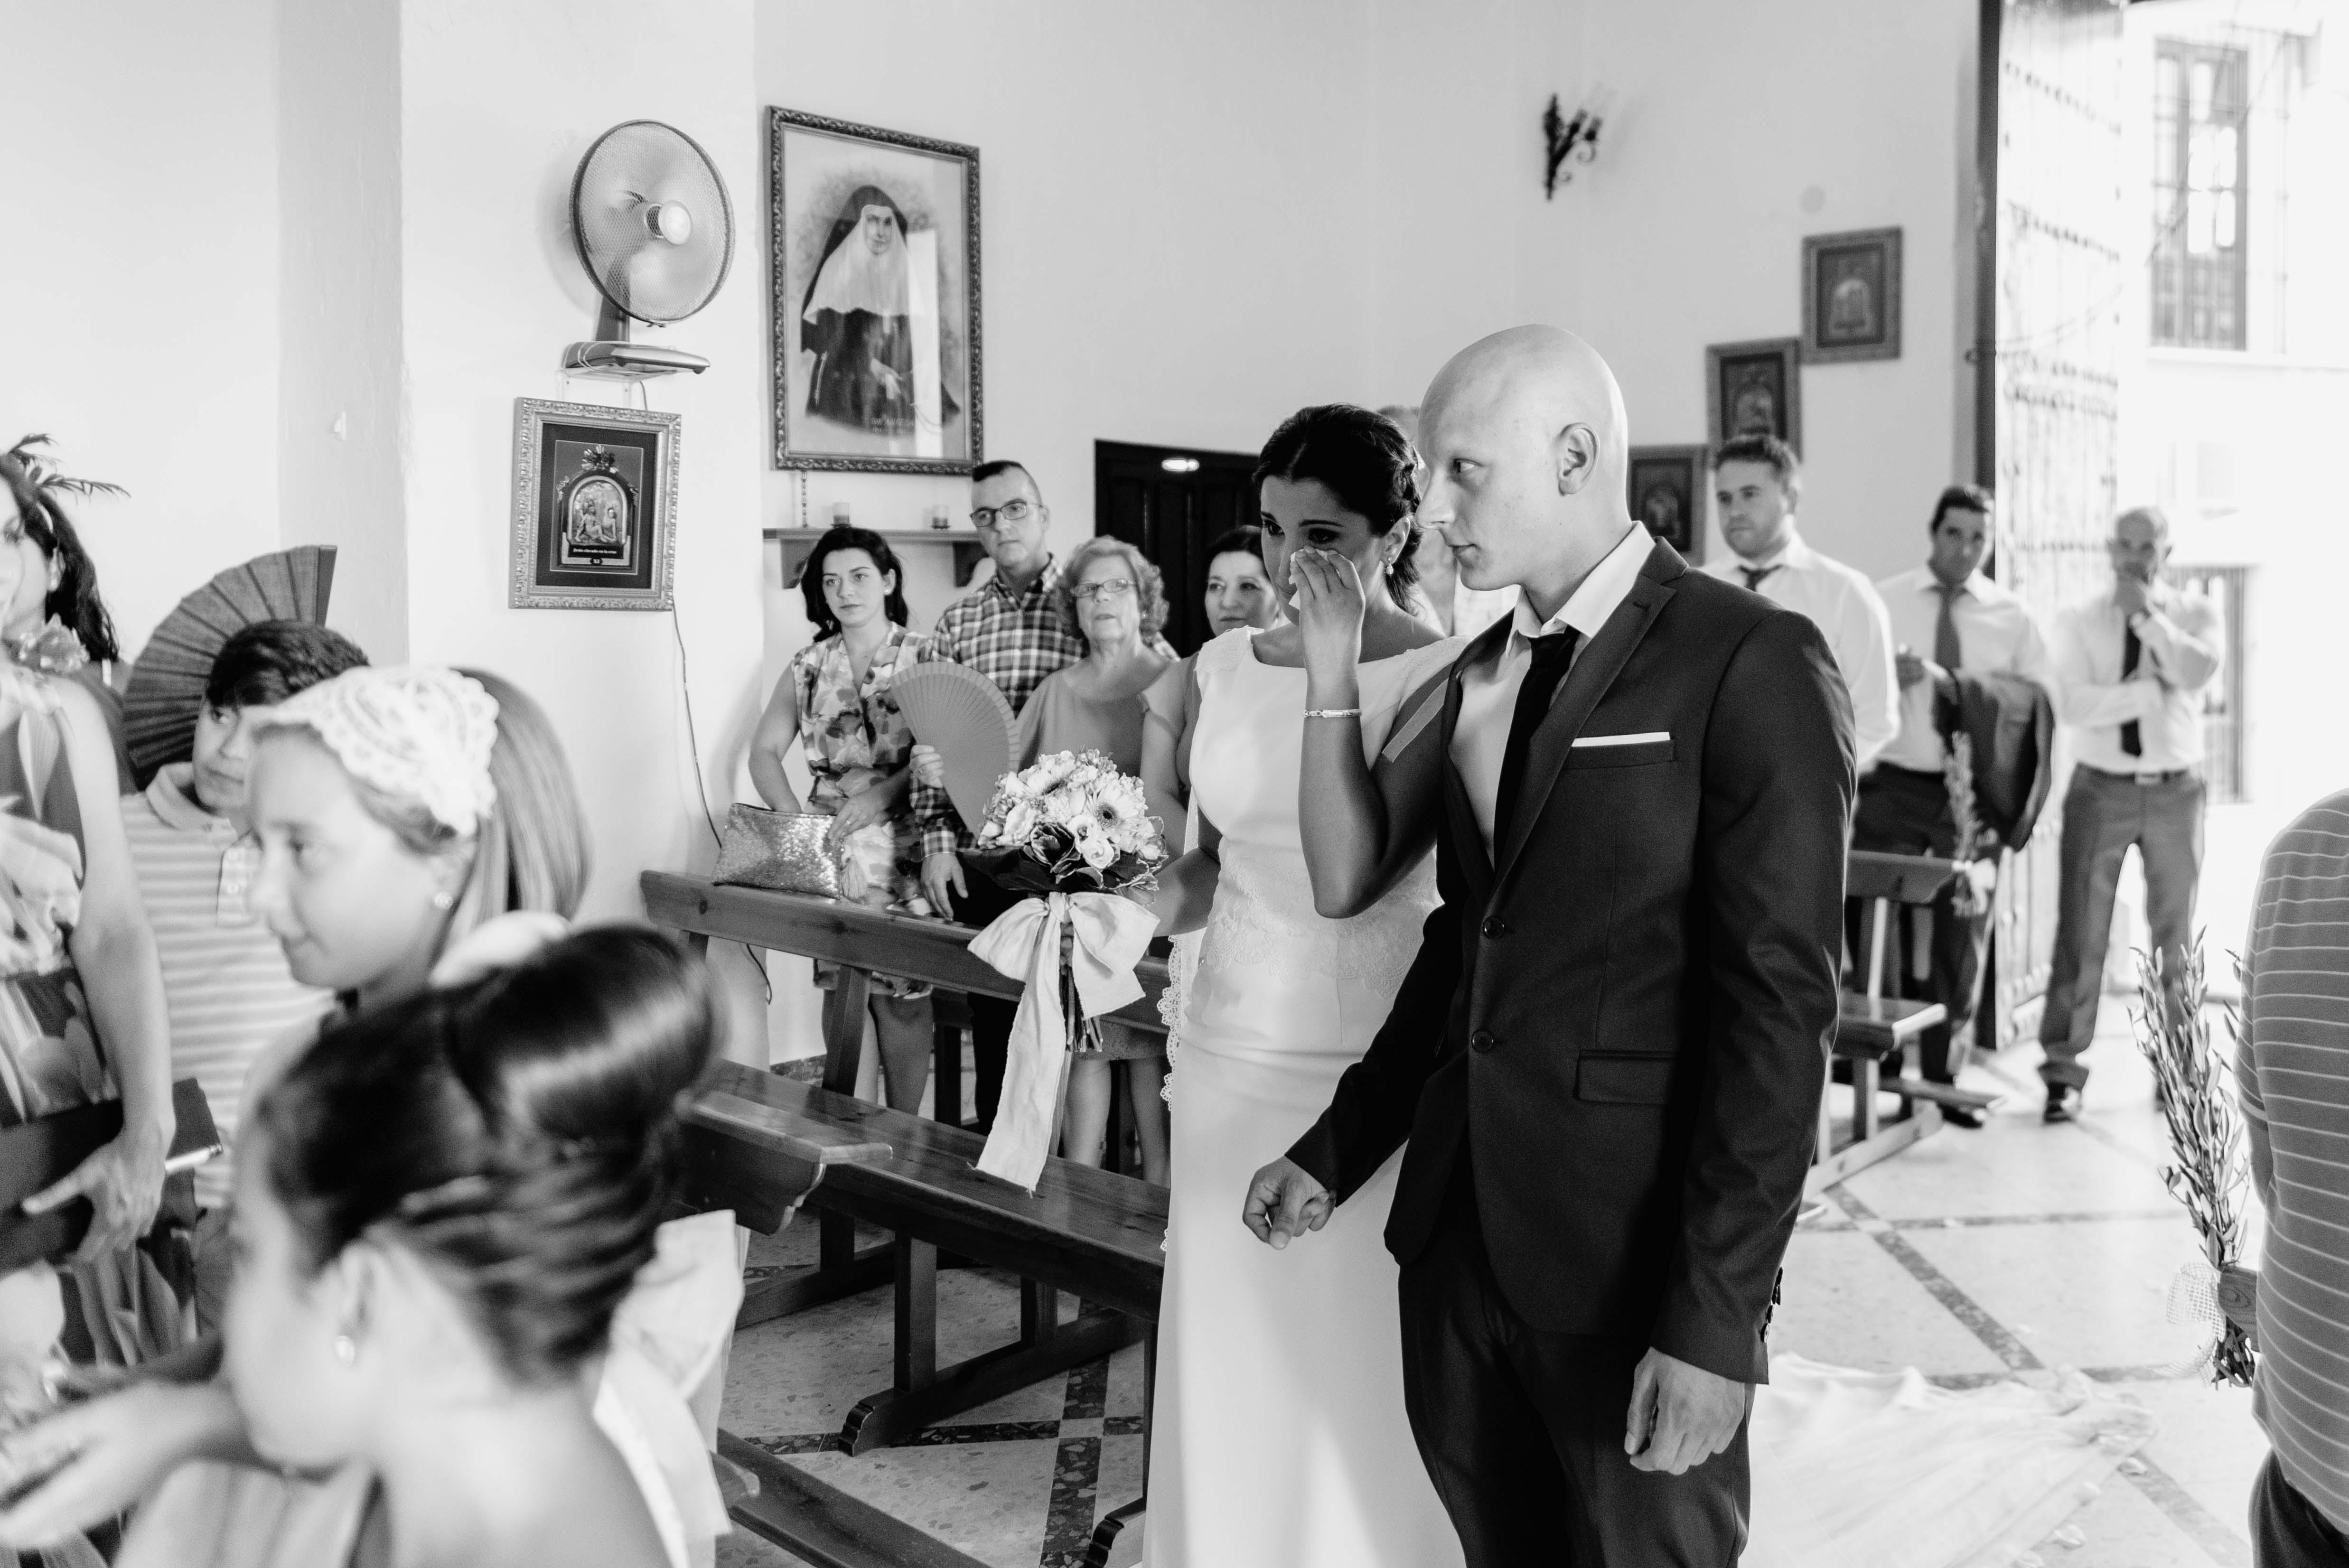 Boda de Cecilia & Jorge. Una boda en Algámitas, SevillaBoda de Cecilia & Jorge. Una boda en Algámitas, Sevilla